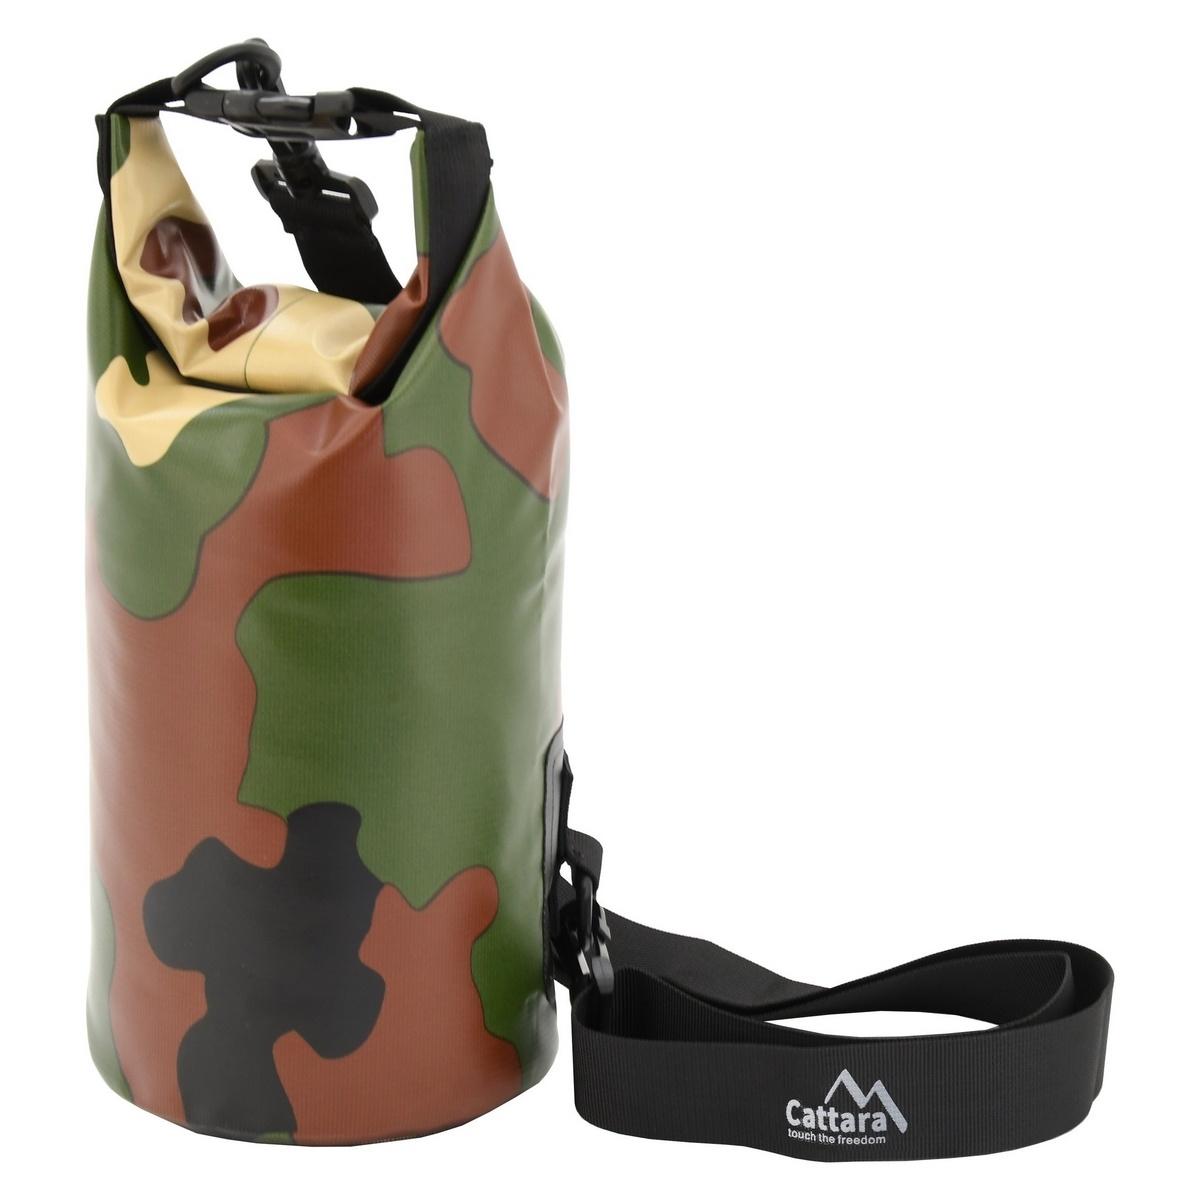 Cattara Voděodolný vak Dry bag, 3 l